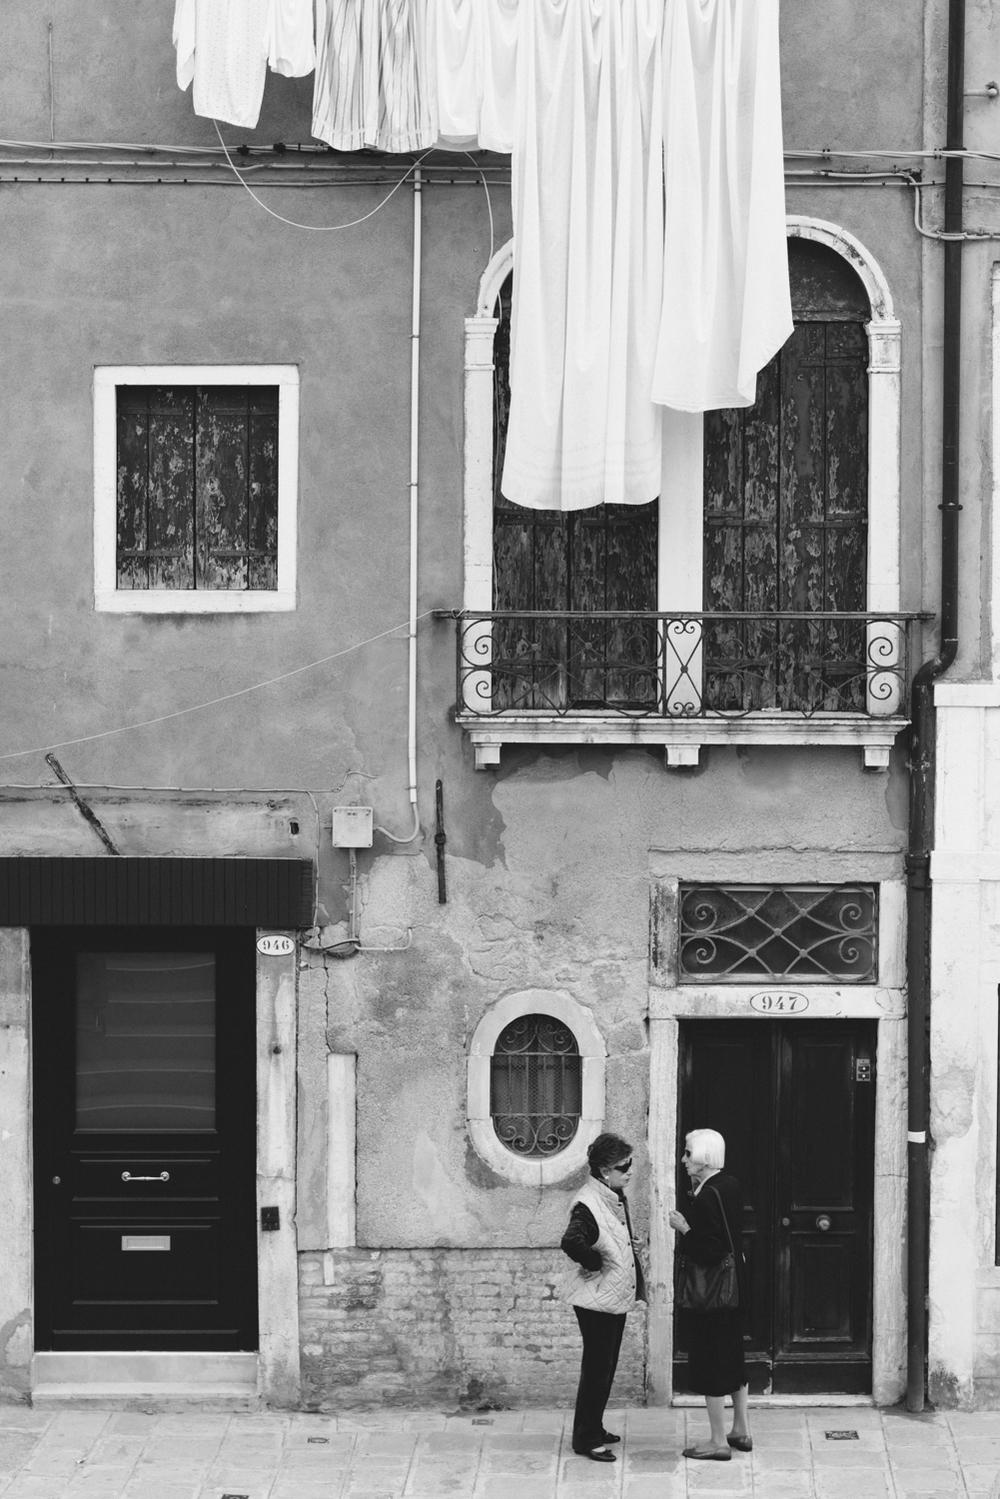 Venezia-4841.jpg